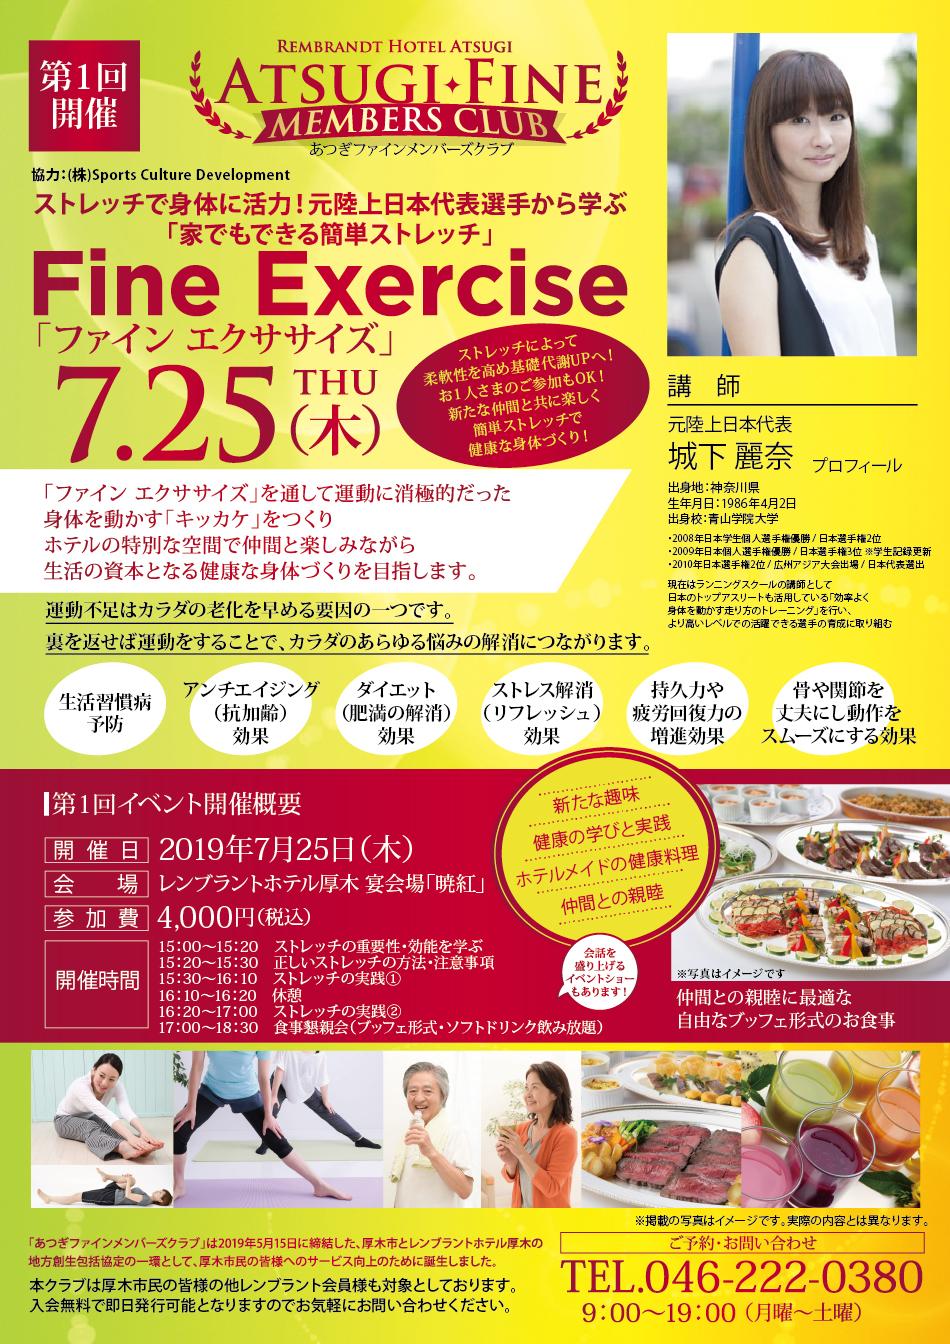 第1回 《あつぎファインメンバーズクラブ》ファイン エクササイズ ― Fine Exercise ― 【7/25開催】